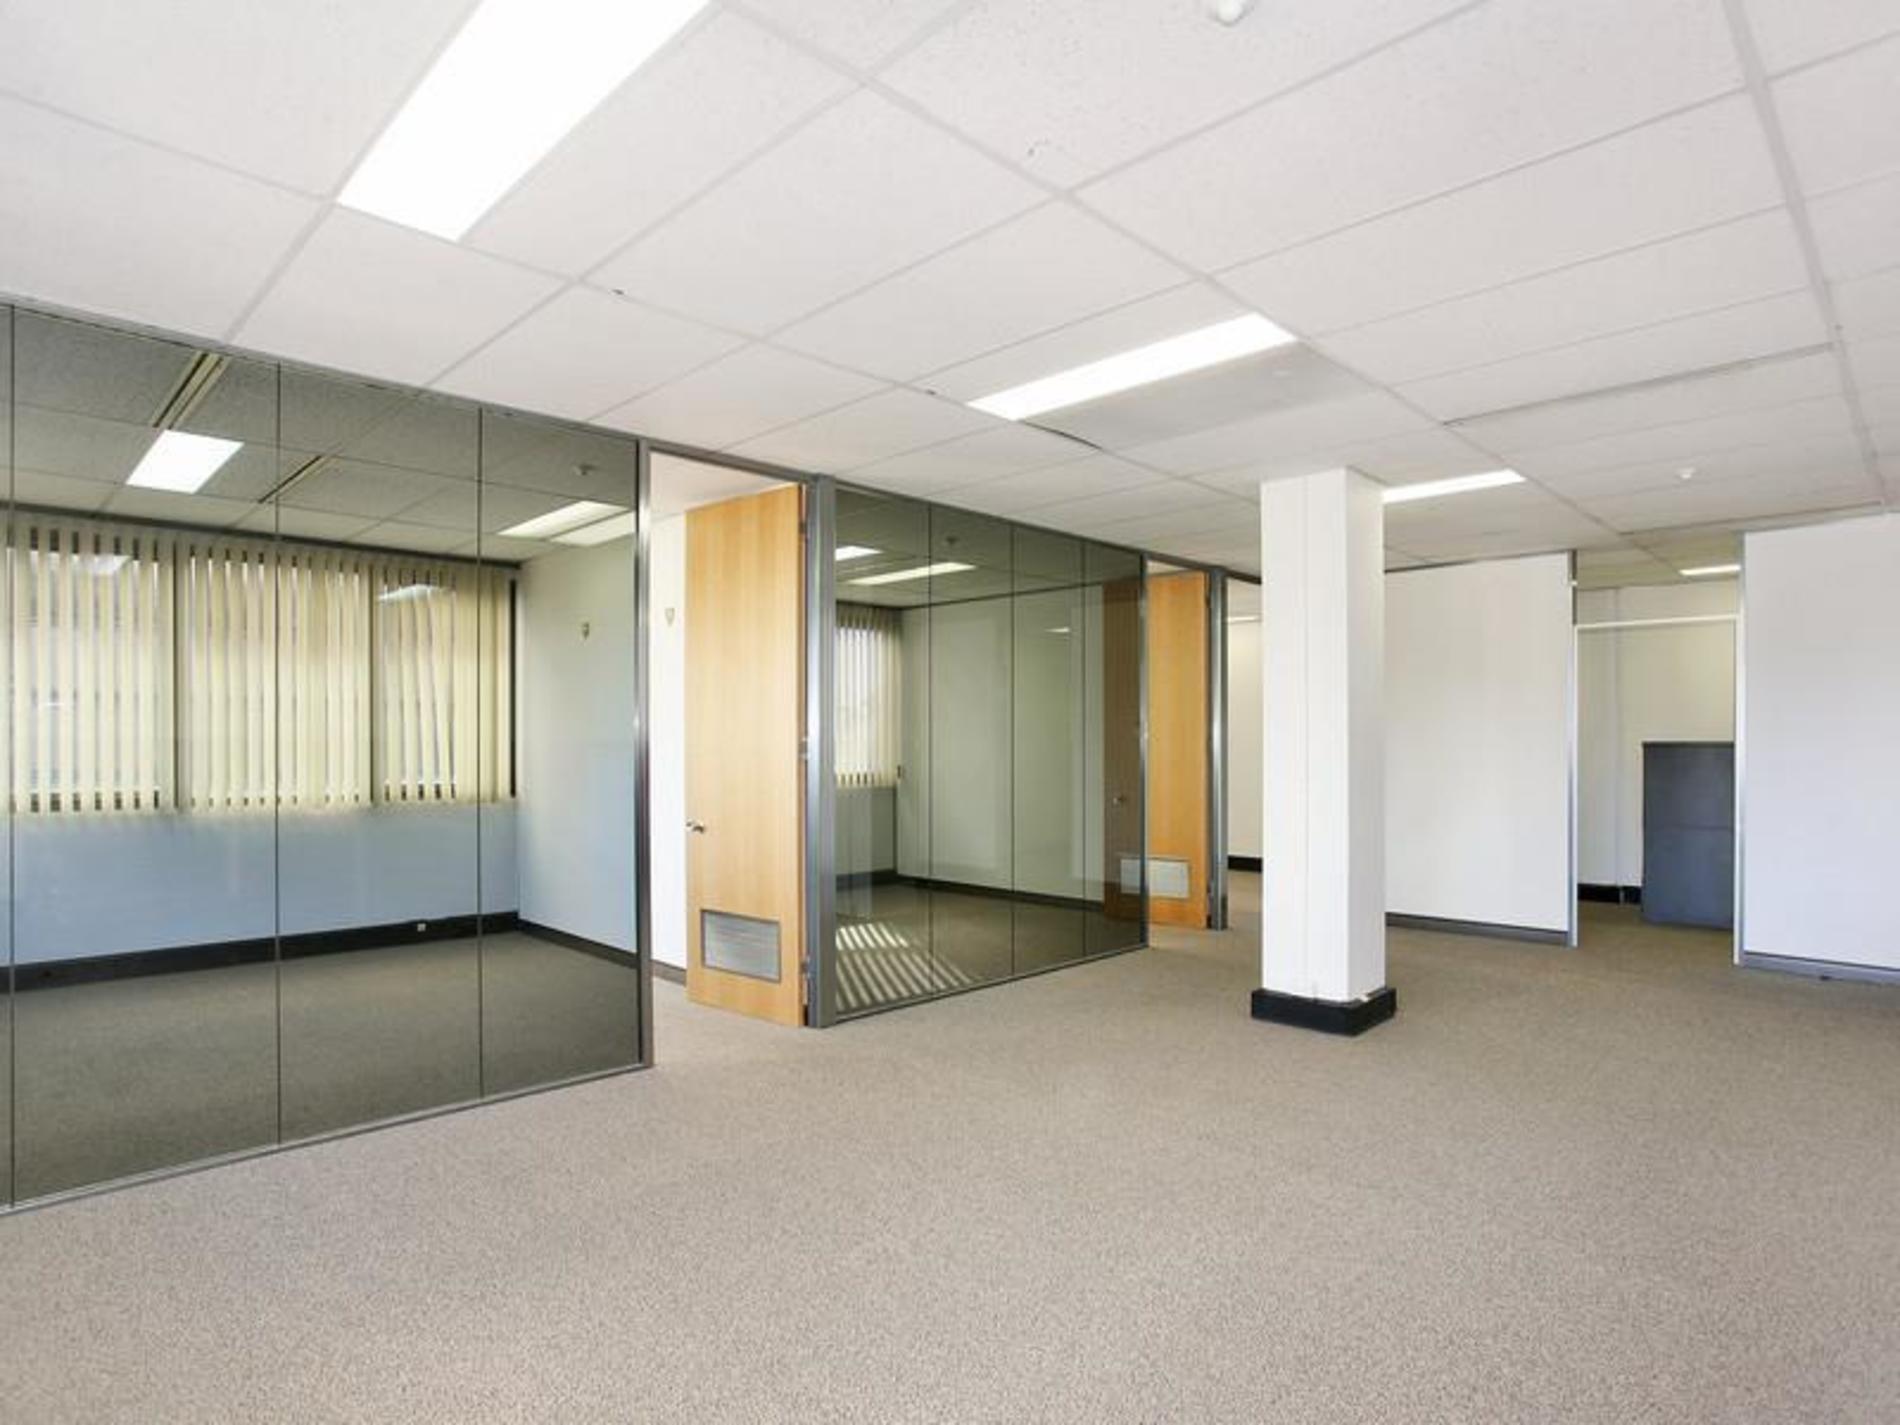 7 / 1 Horwood place  Pl, Parramatta